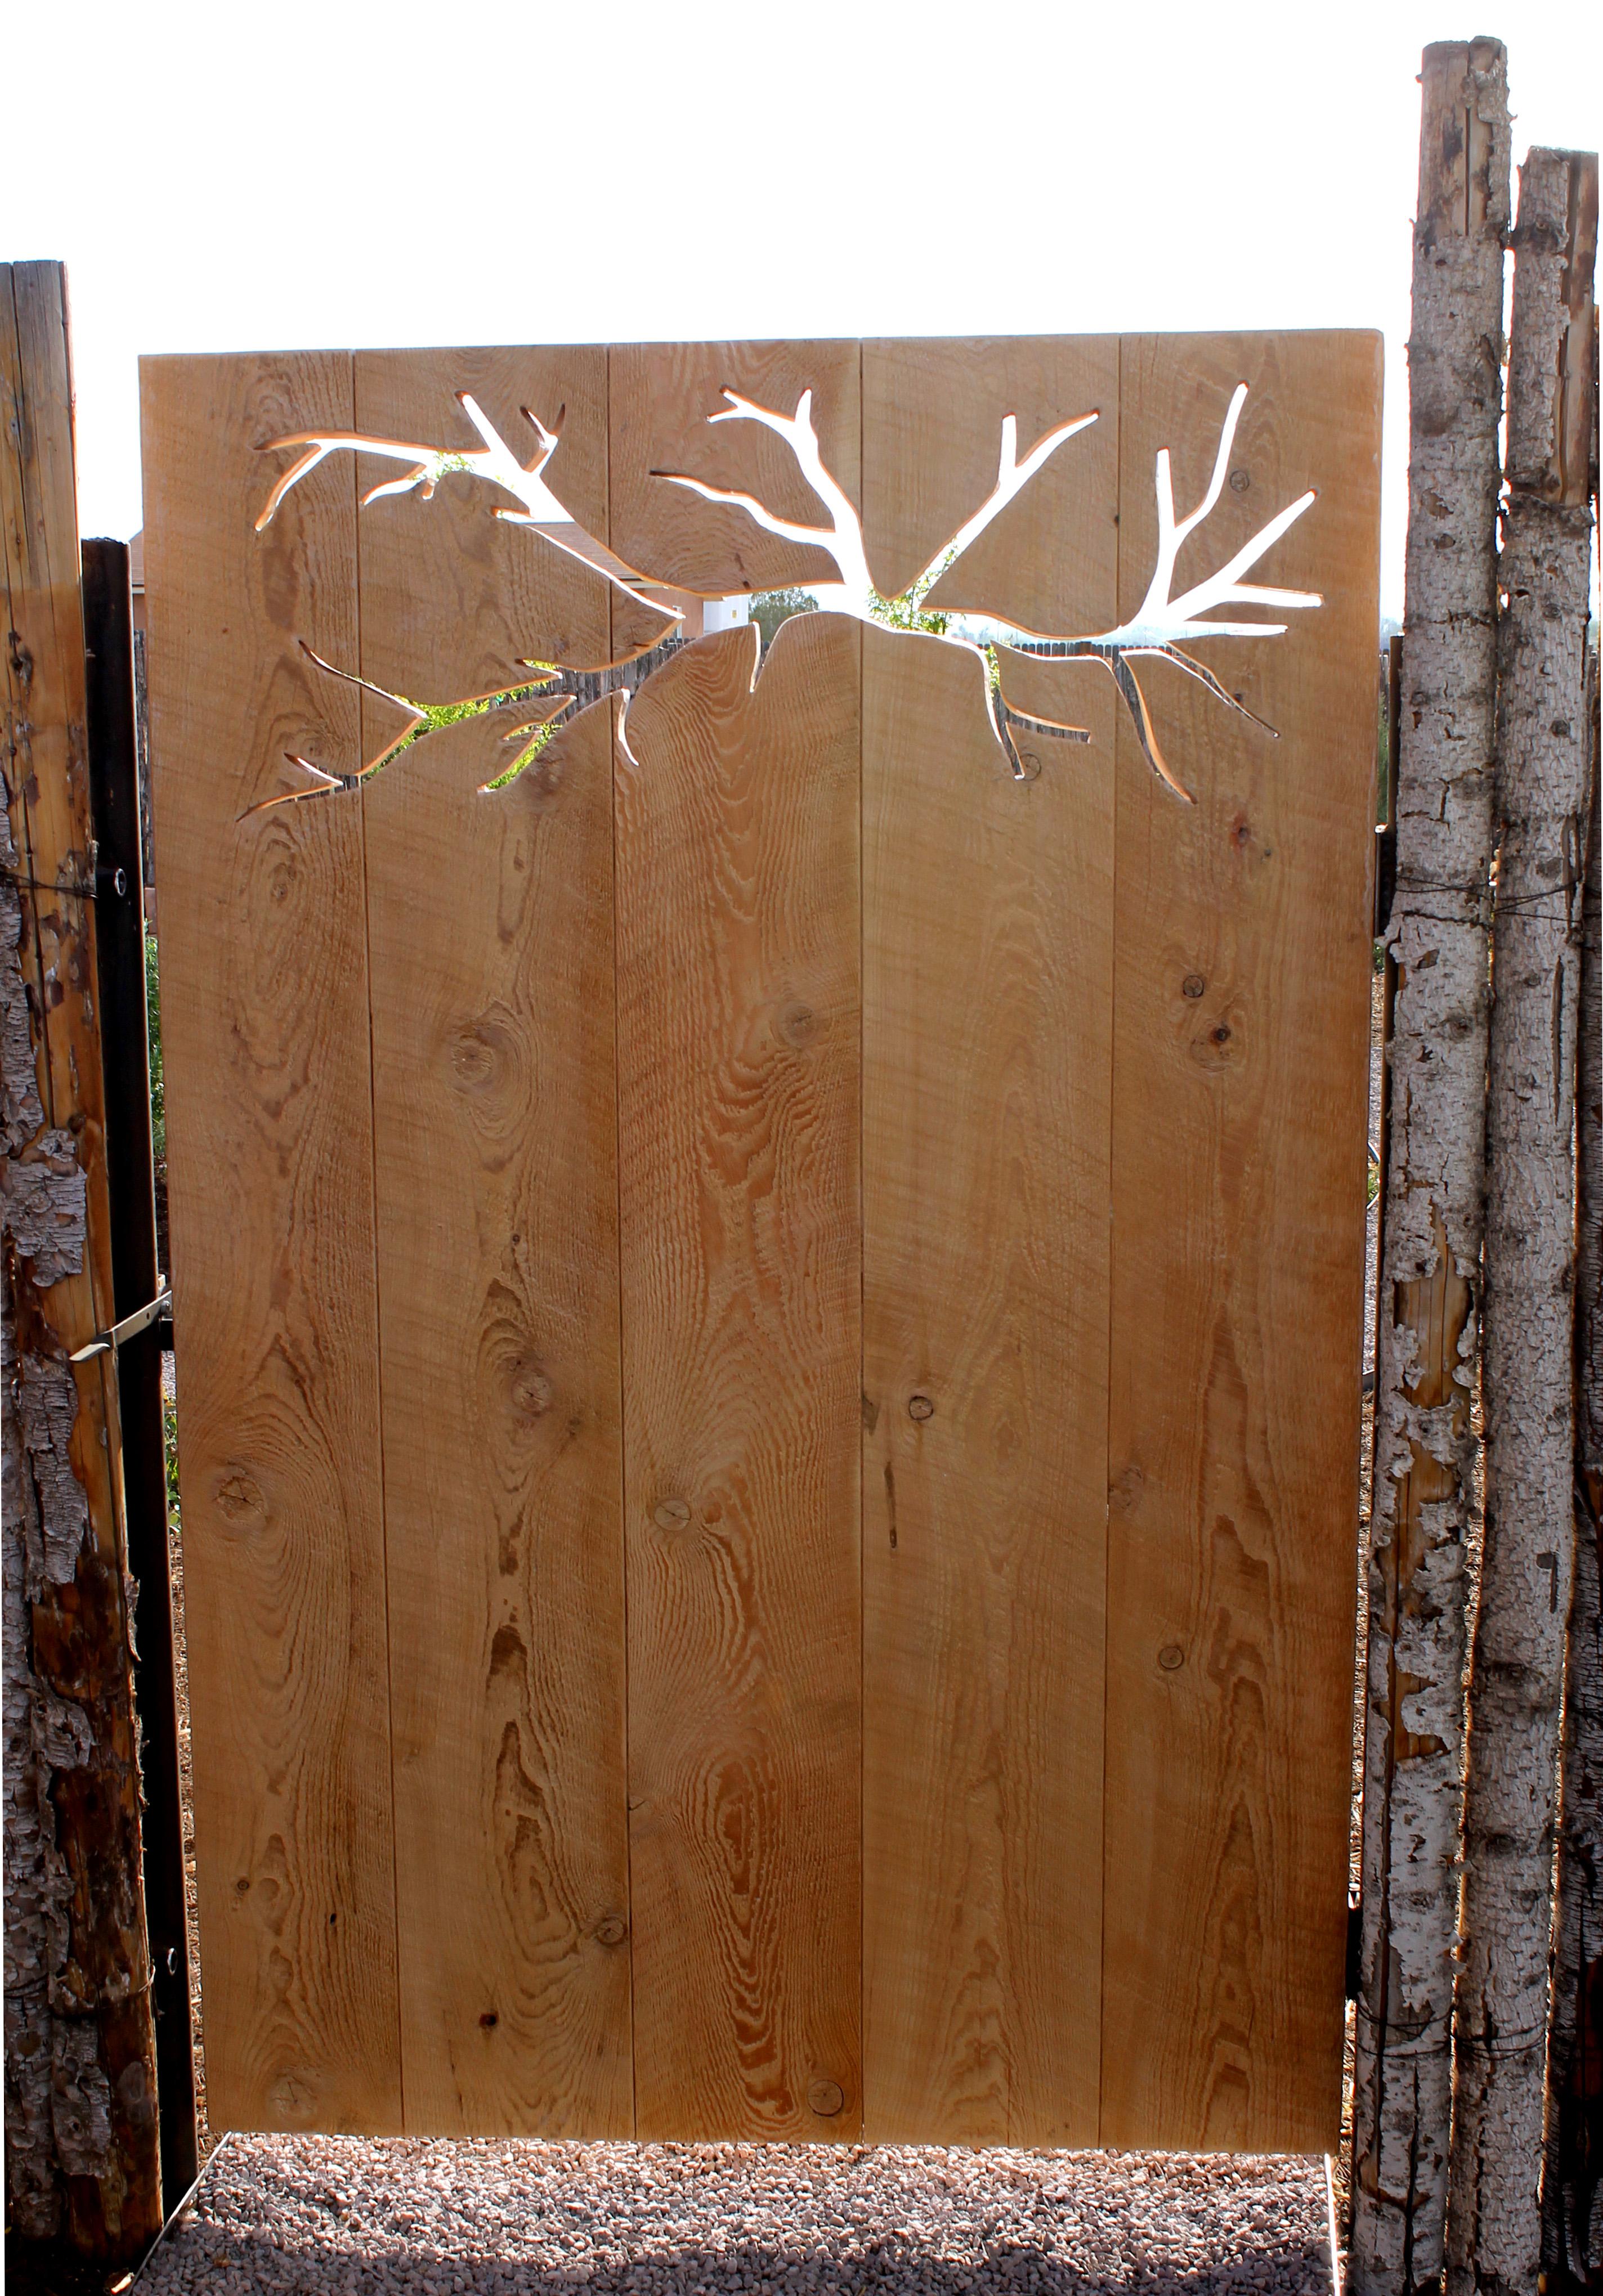 Branch gate